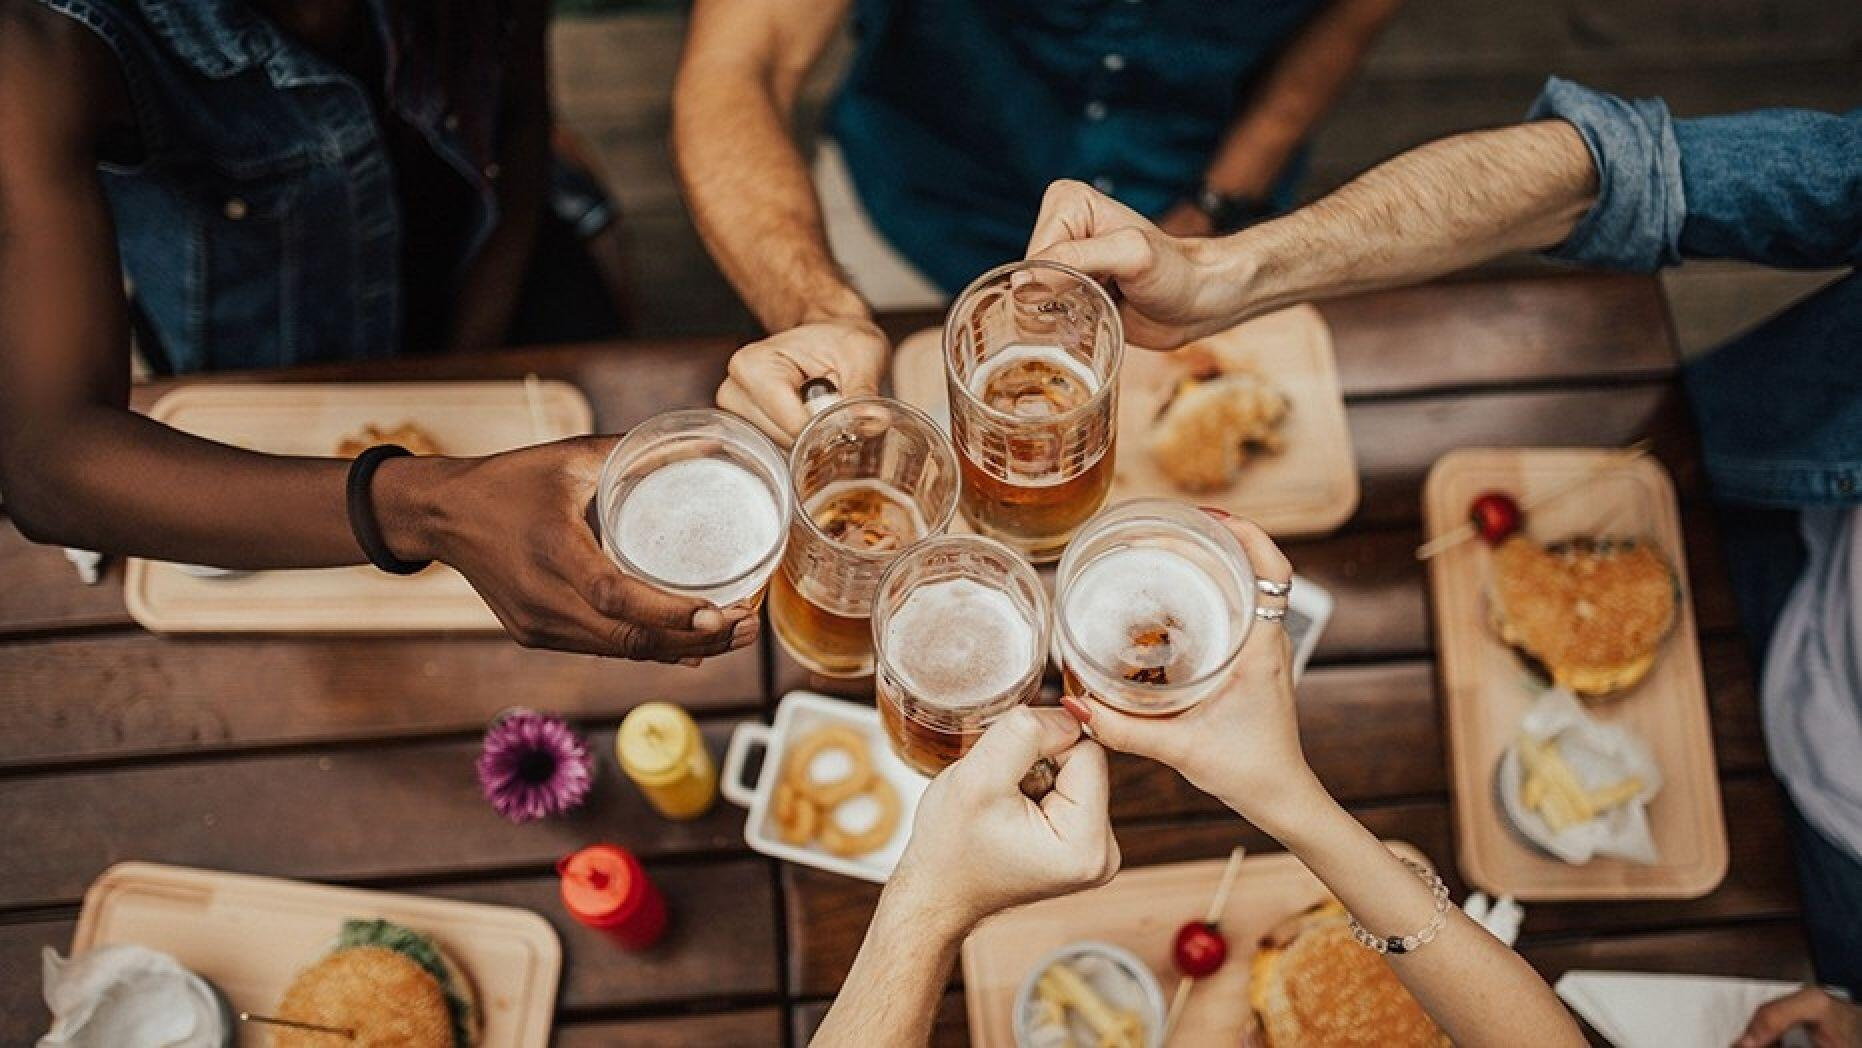 饮酒多少才健康? 美科学家给出答案:滴酒不沾